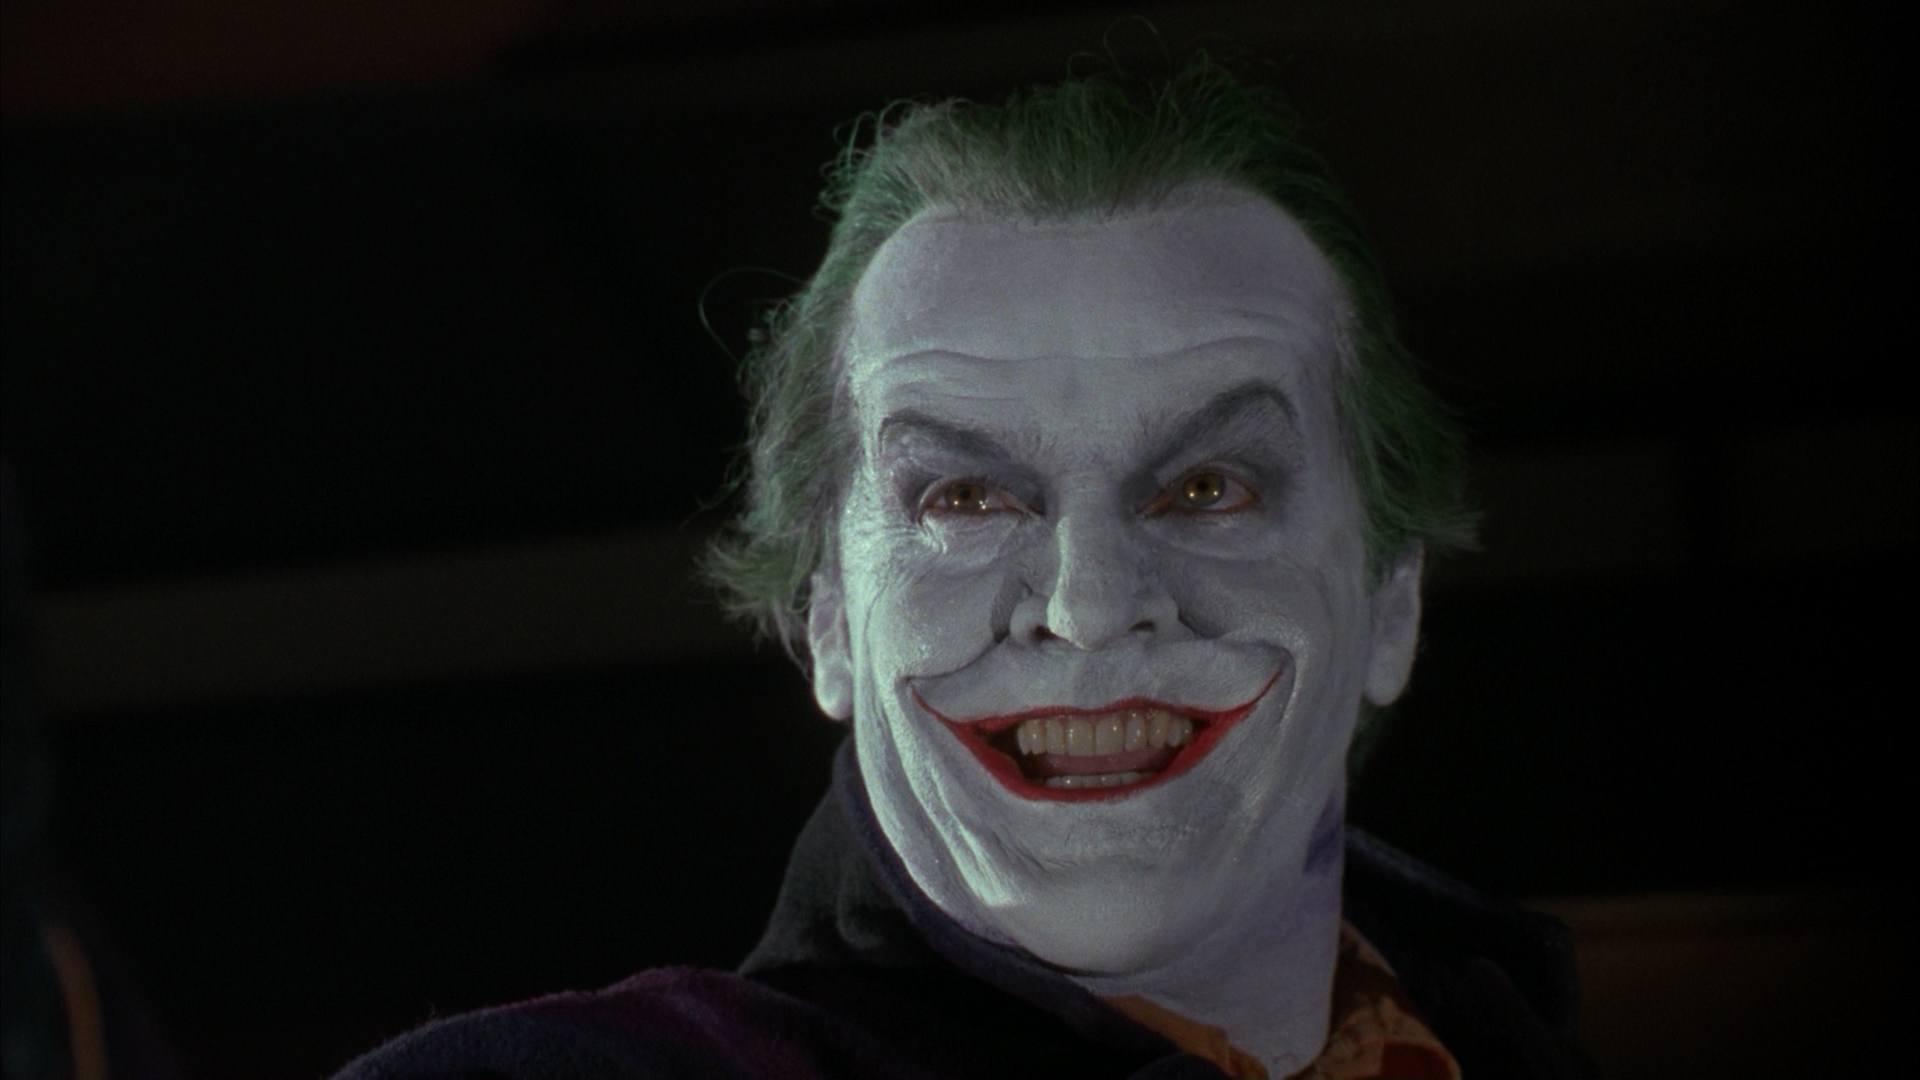 porque-batman-de-1989-e-um-dos-mais-importantes-filmes-de-super-herois-do-cinema-1